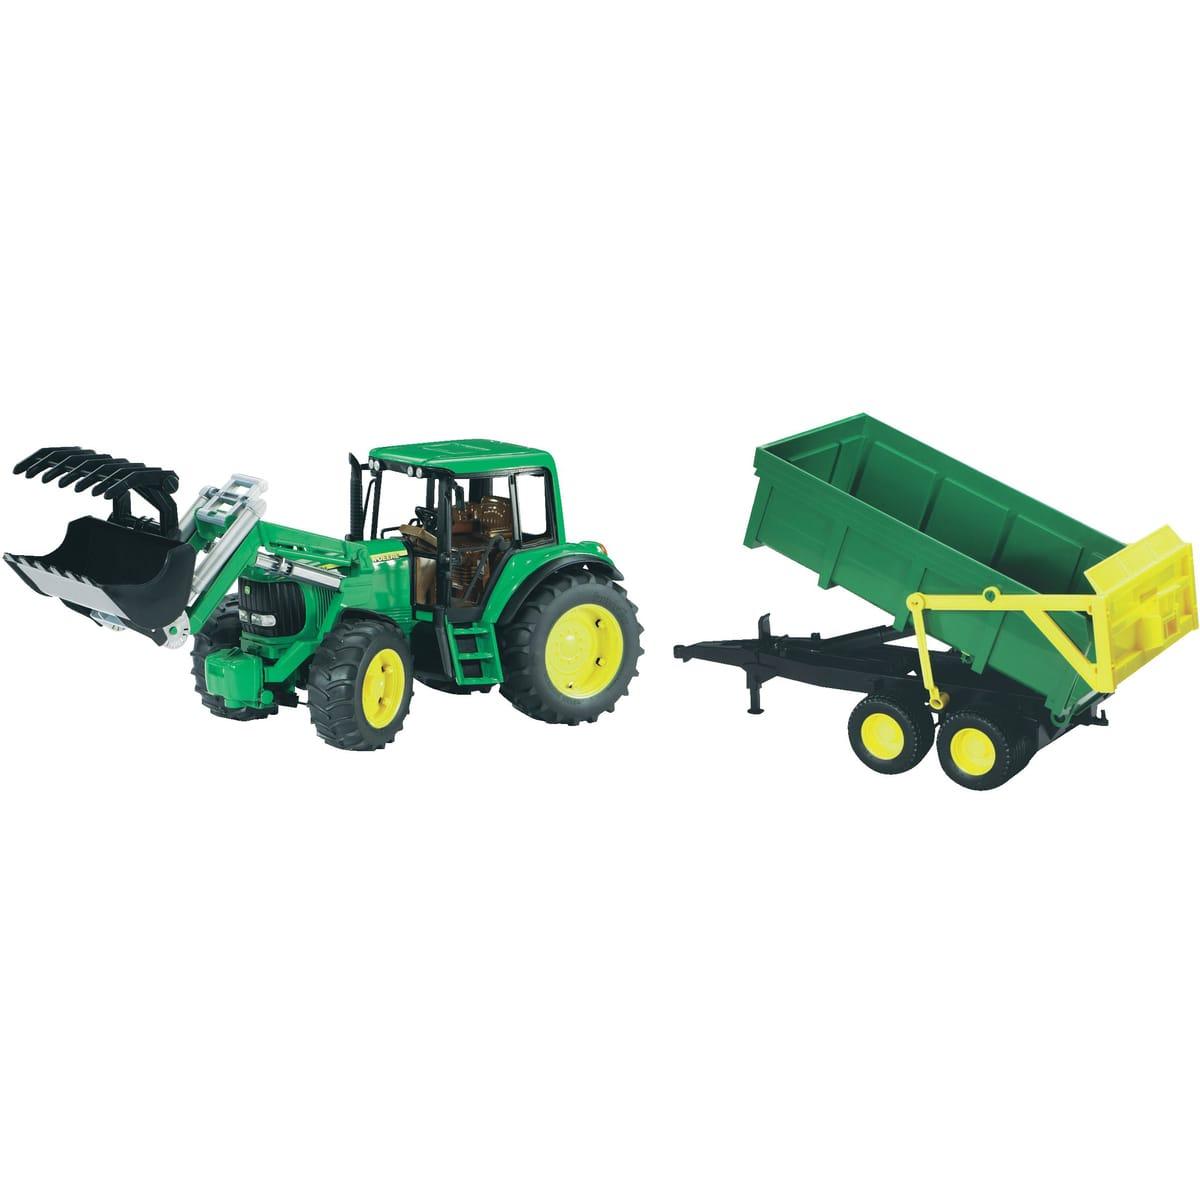 Трактор John Deere 6920 с погрузчиком и прицепомИгрушечные тракторы<br>Трактор John Deere 6920 с погрузчиком и прицепом<br>